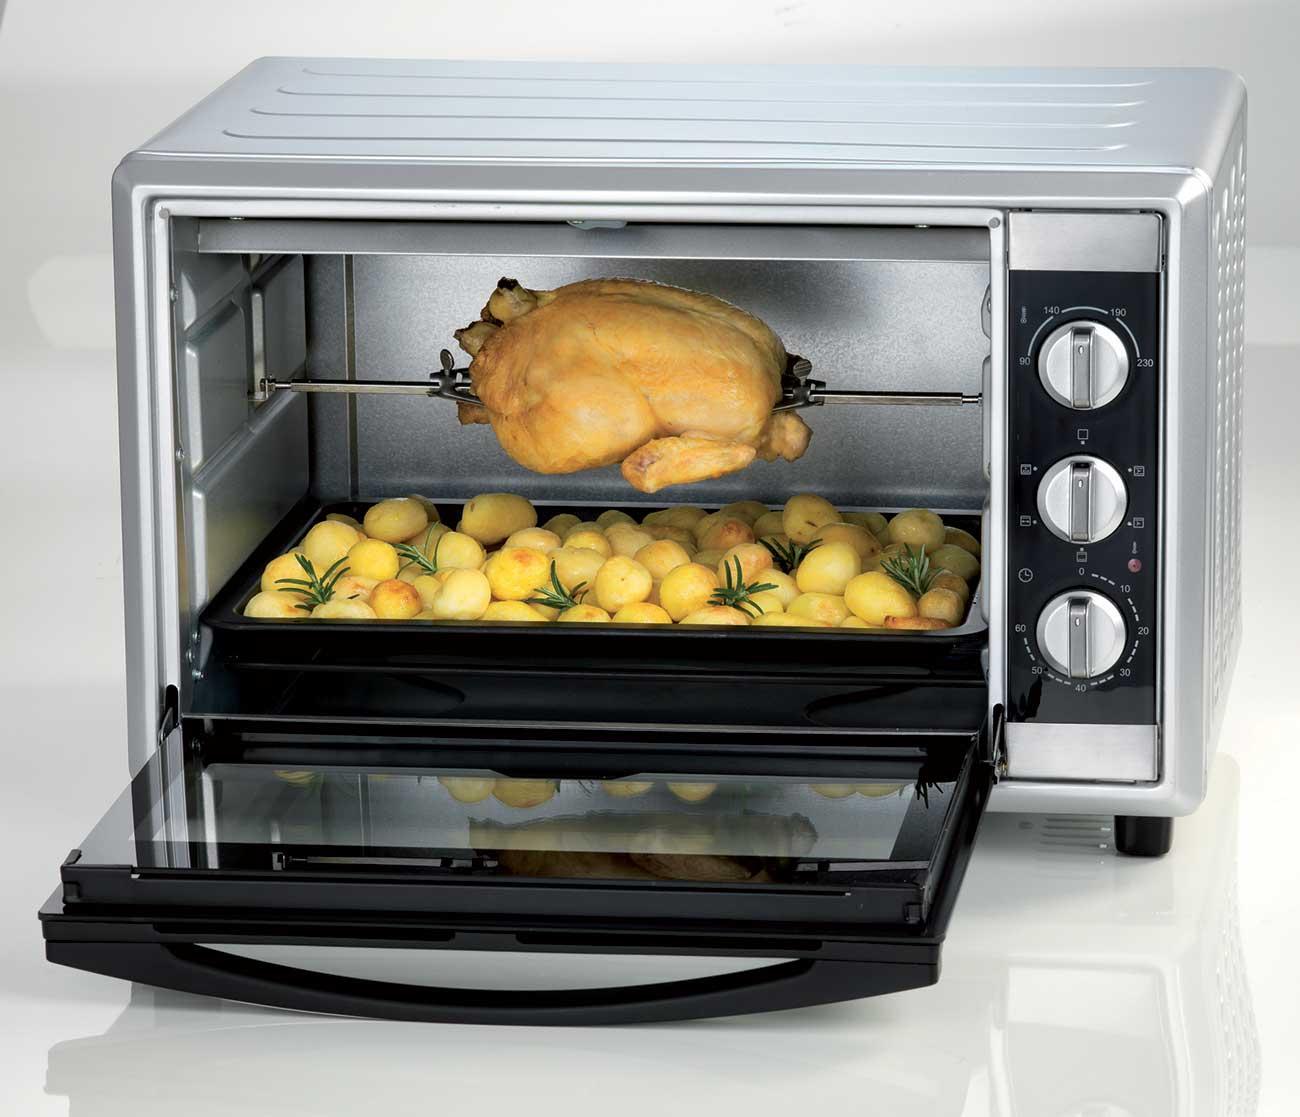 Ariete bon cuisine 450 forno elettrico fornetto 45 lt ventilato 1800 w 986 - Forno elettrico con microonde ...